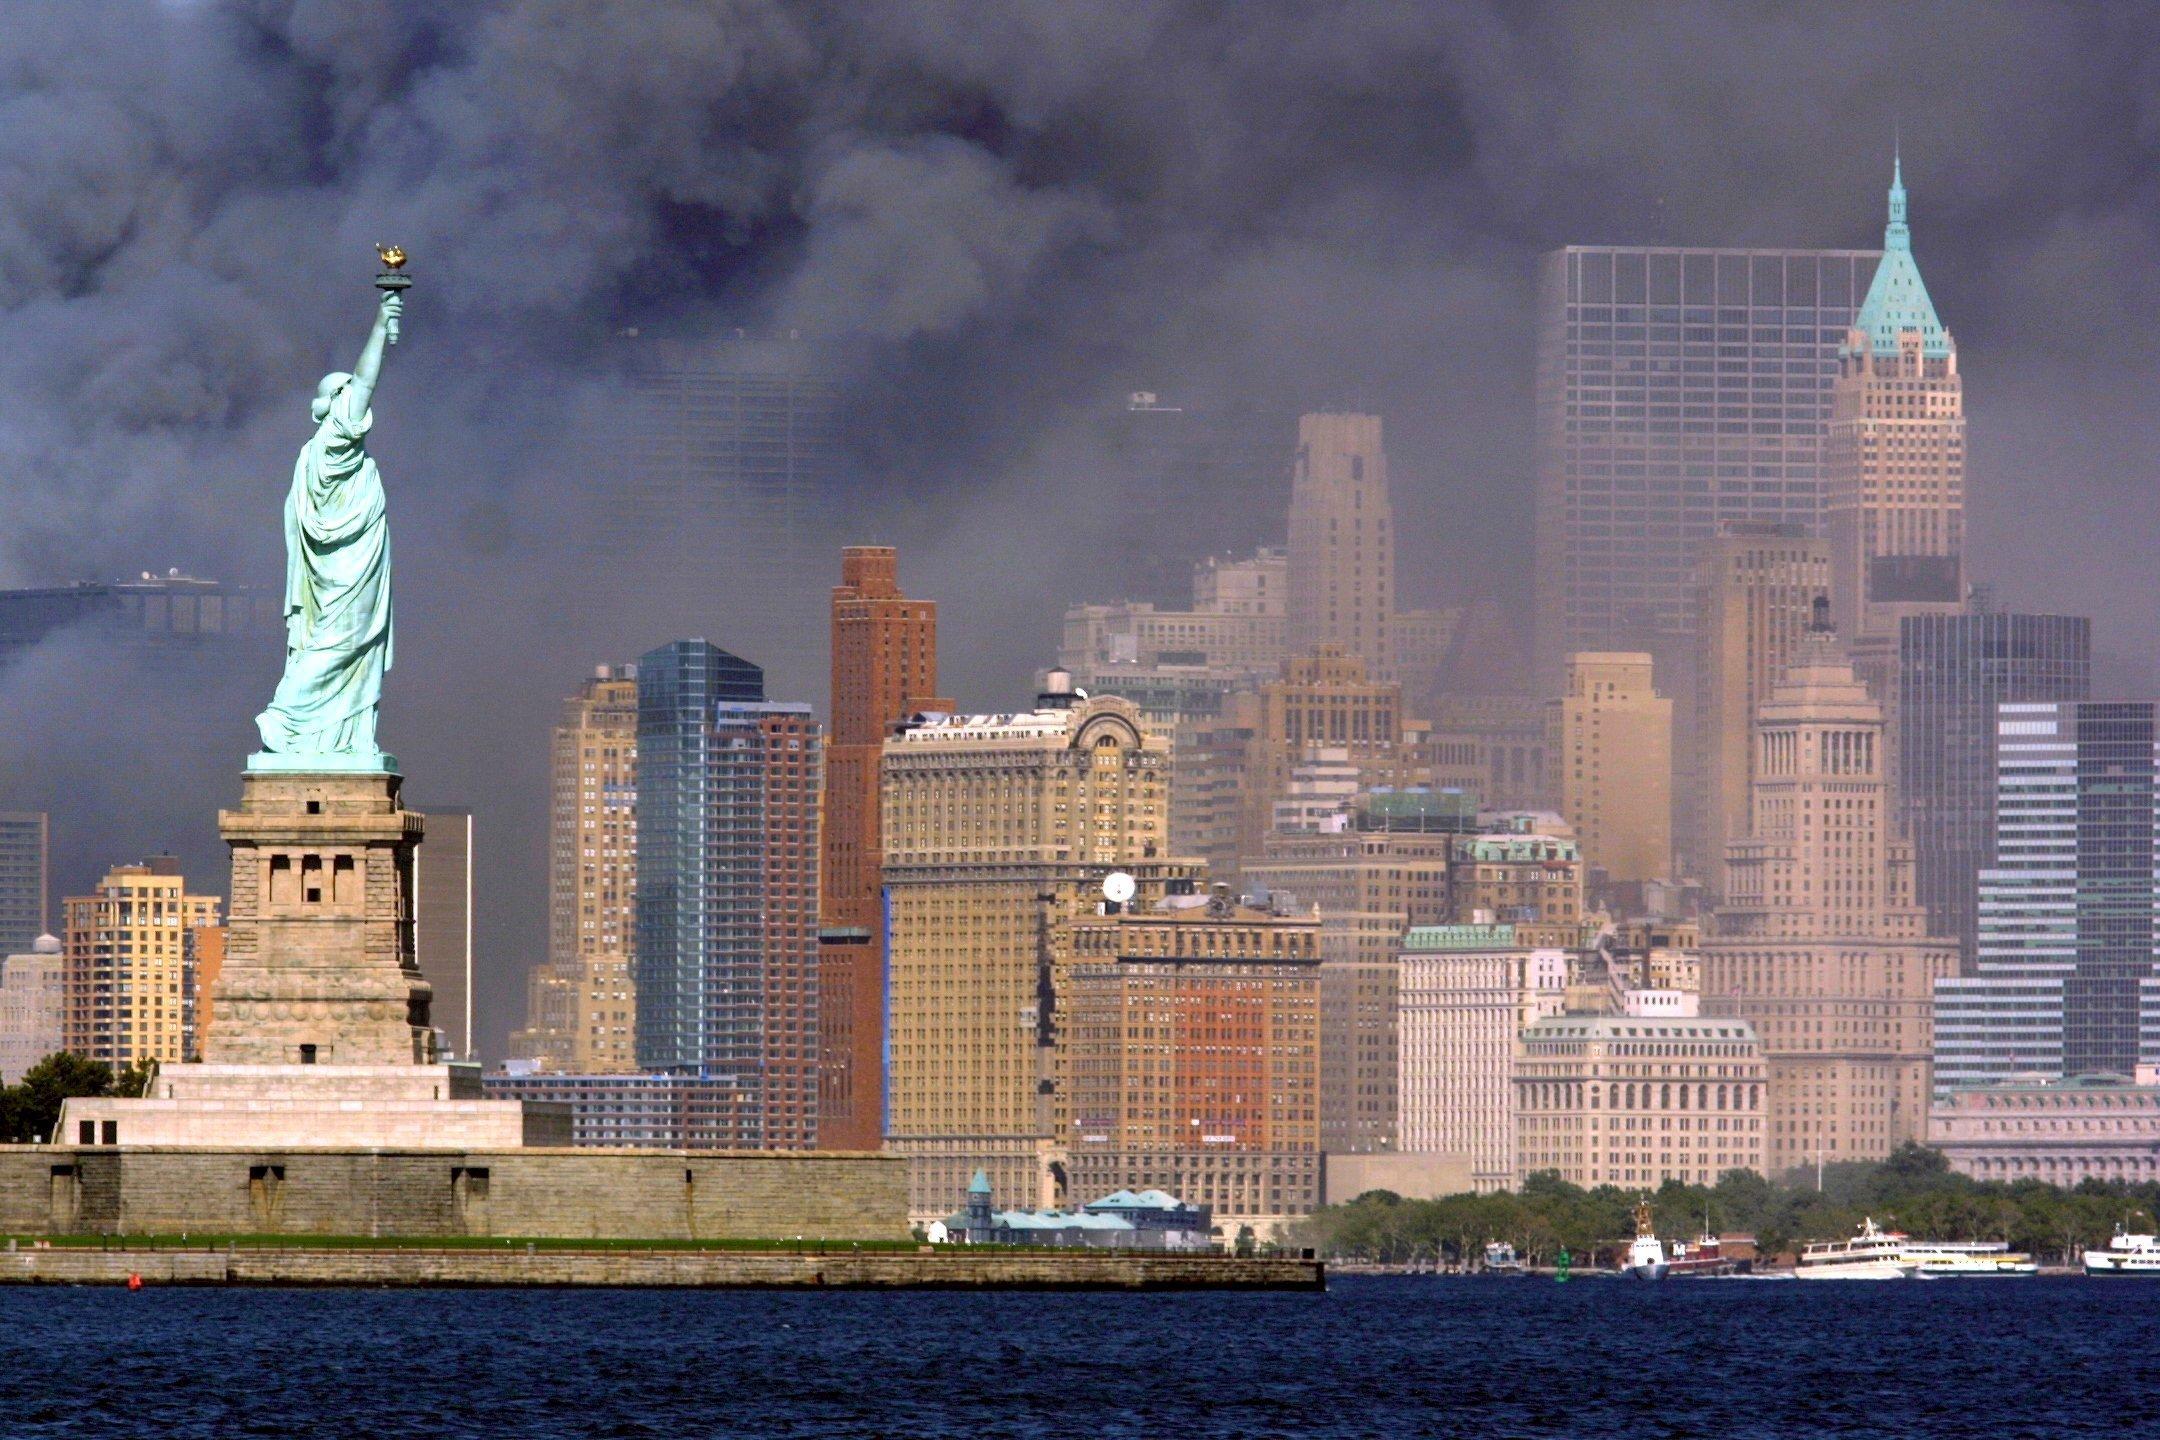 Feltöltötték végre a 9/11-es terrortámadások áldozatainak kompenzációs alapját